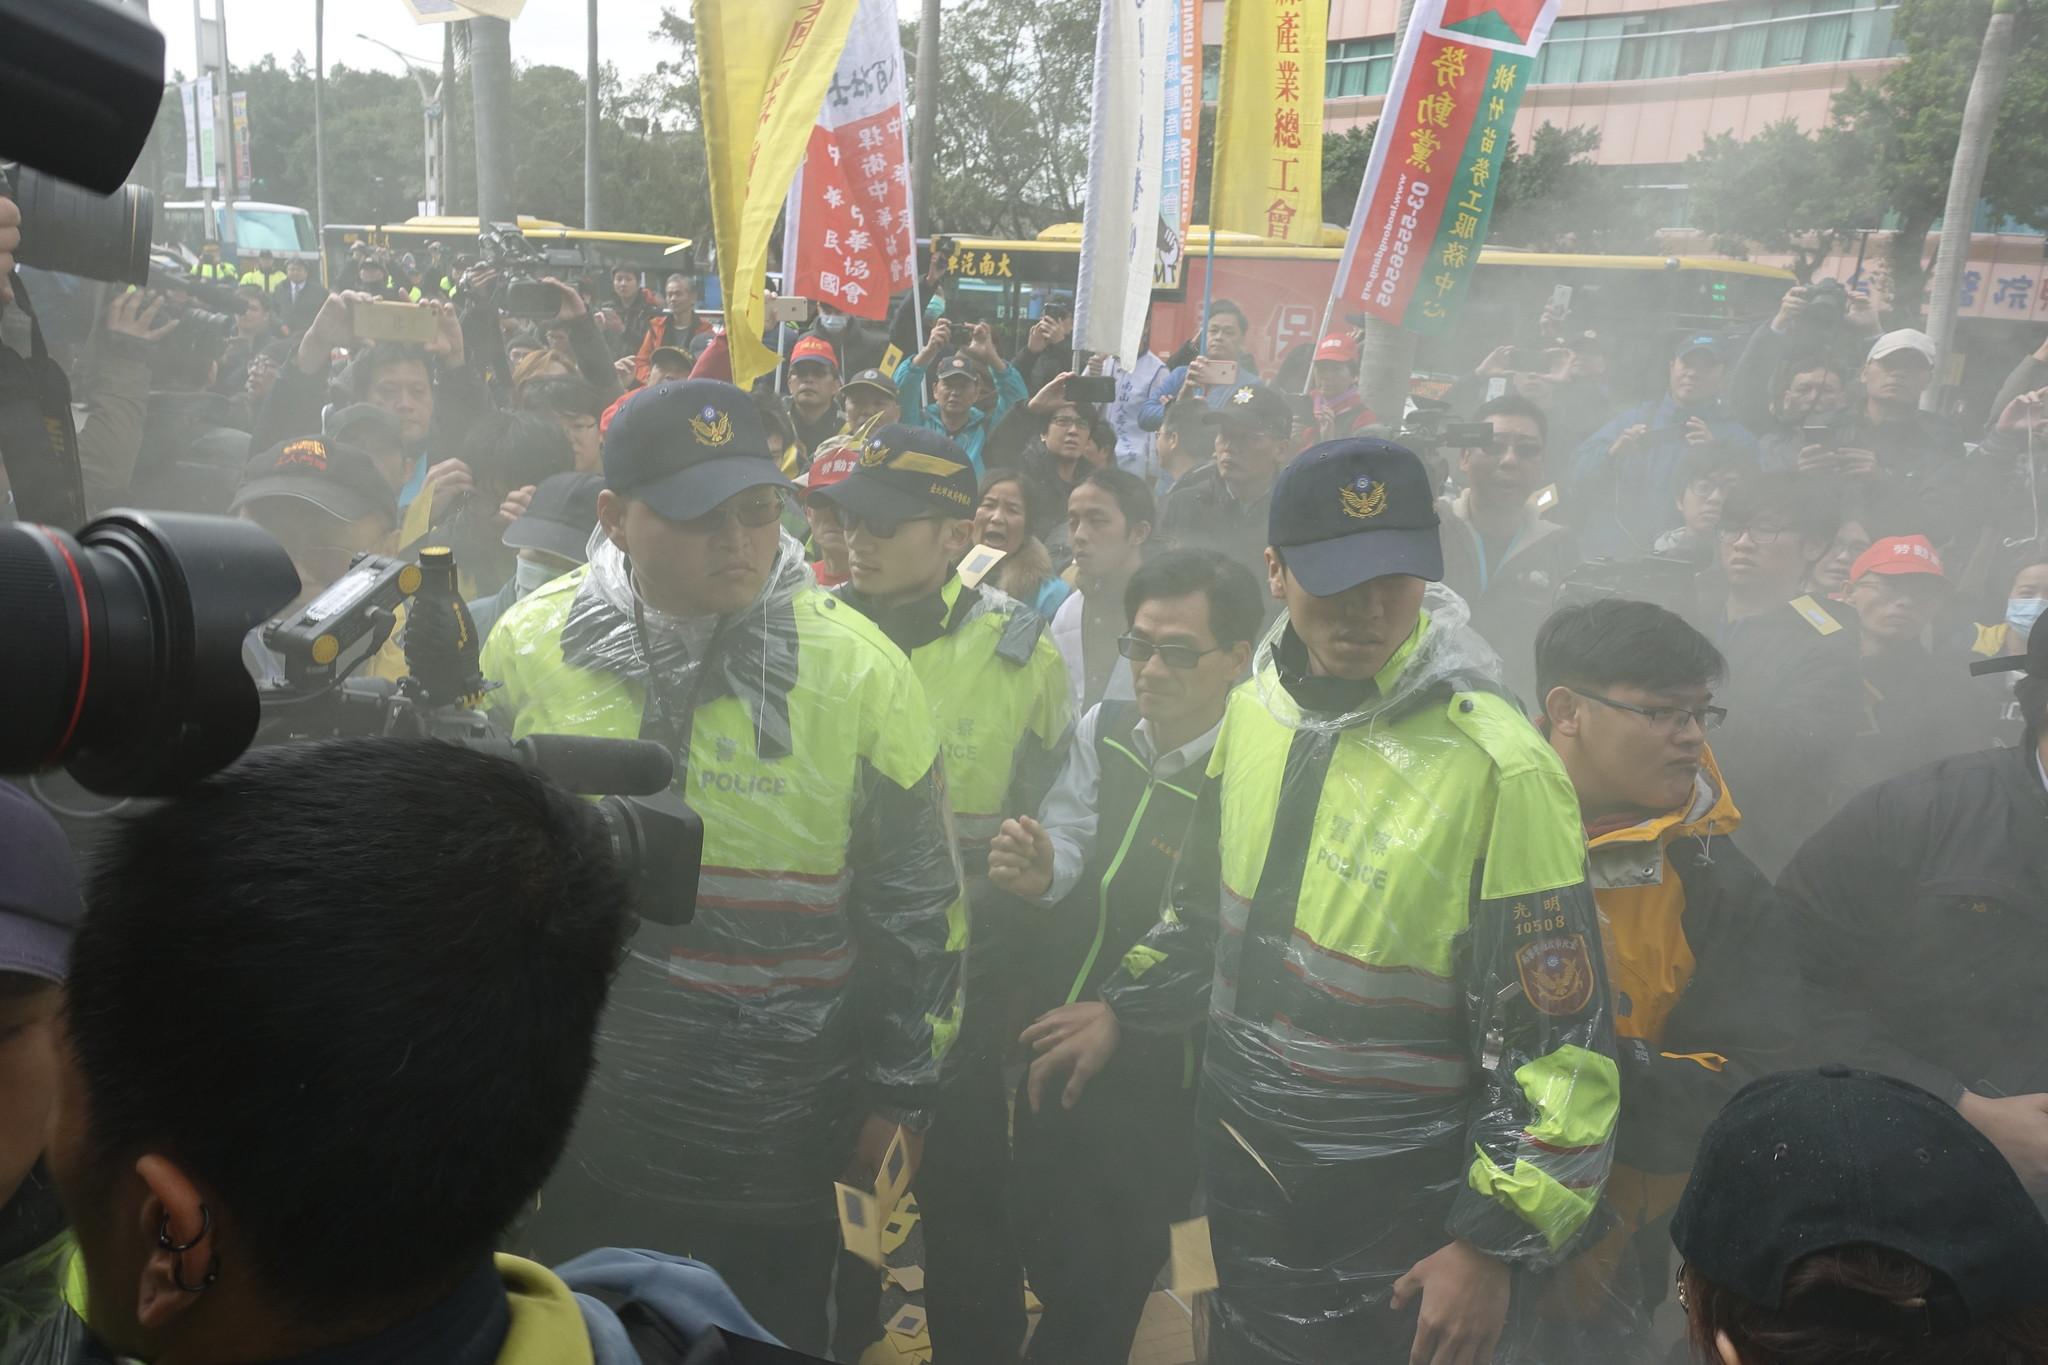 勞團一度燃燒煙霧彈,現場煙霧瀰漫,但立刻遭警方制止。(攝影:張智琦)